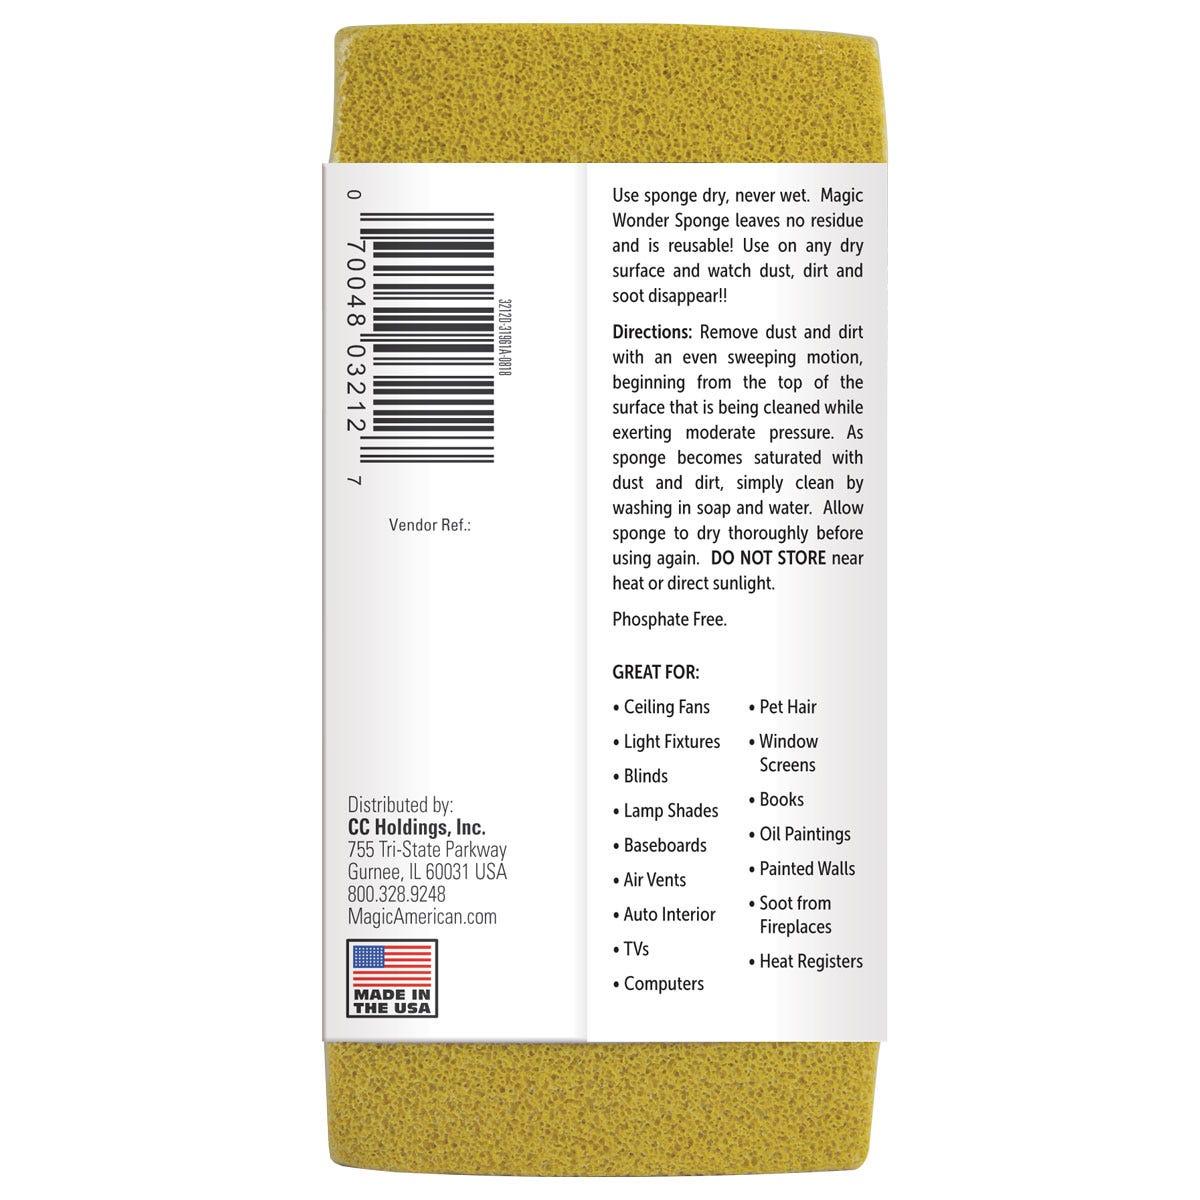 Wonder Sponge back label